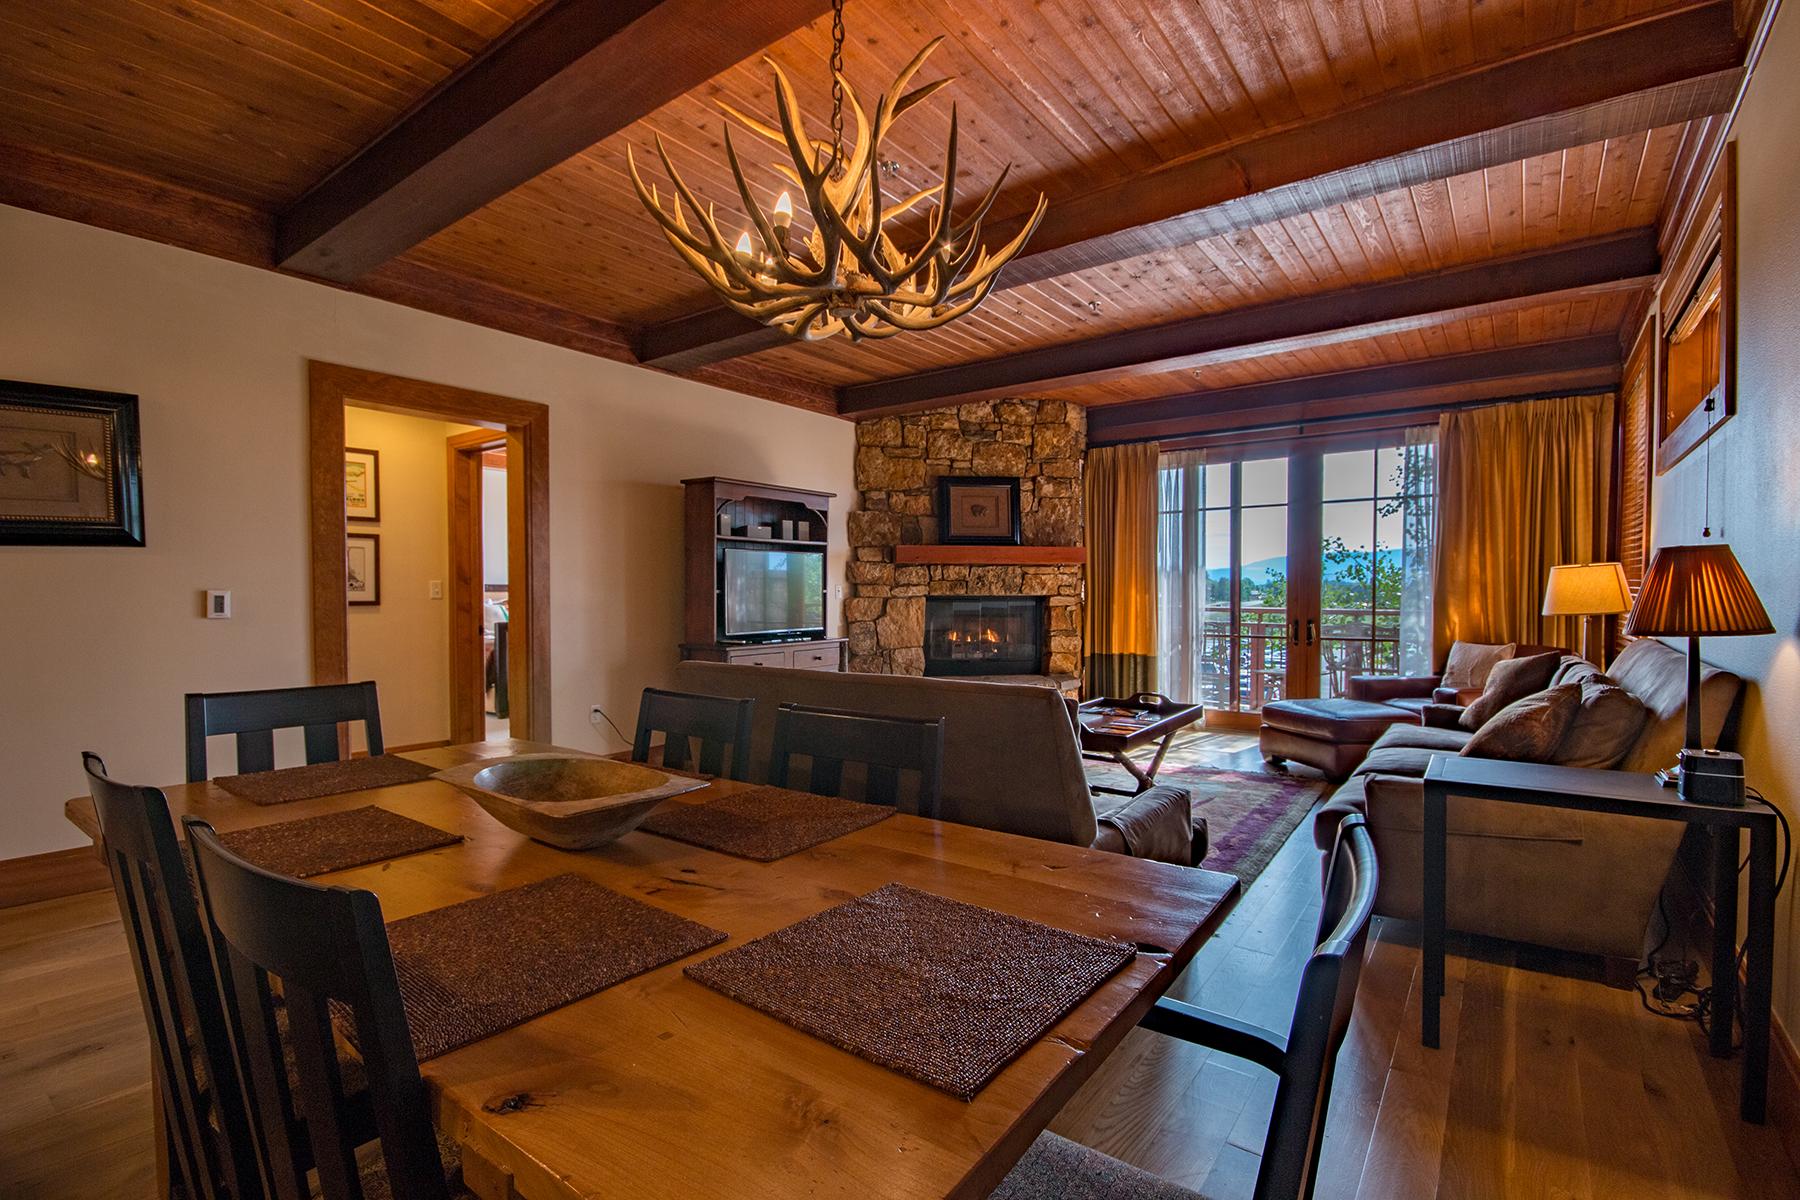 Condominiums 为 销售 在 3285 W Village Dr, #205 泰顿乡, 怀俄明州 83025 美国